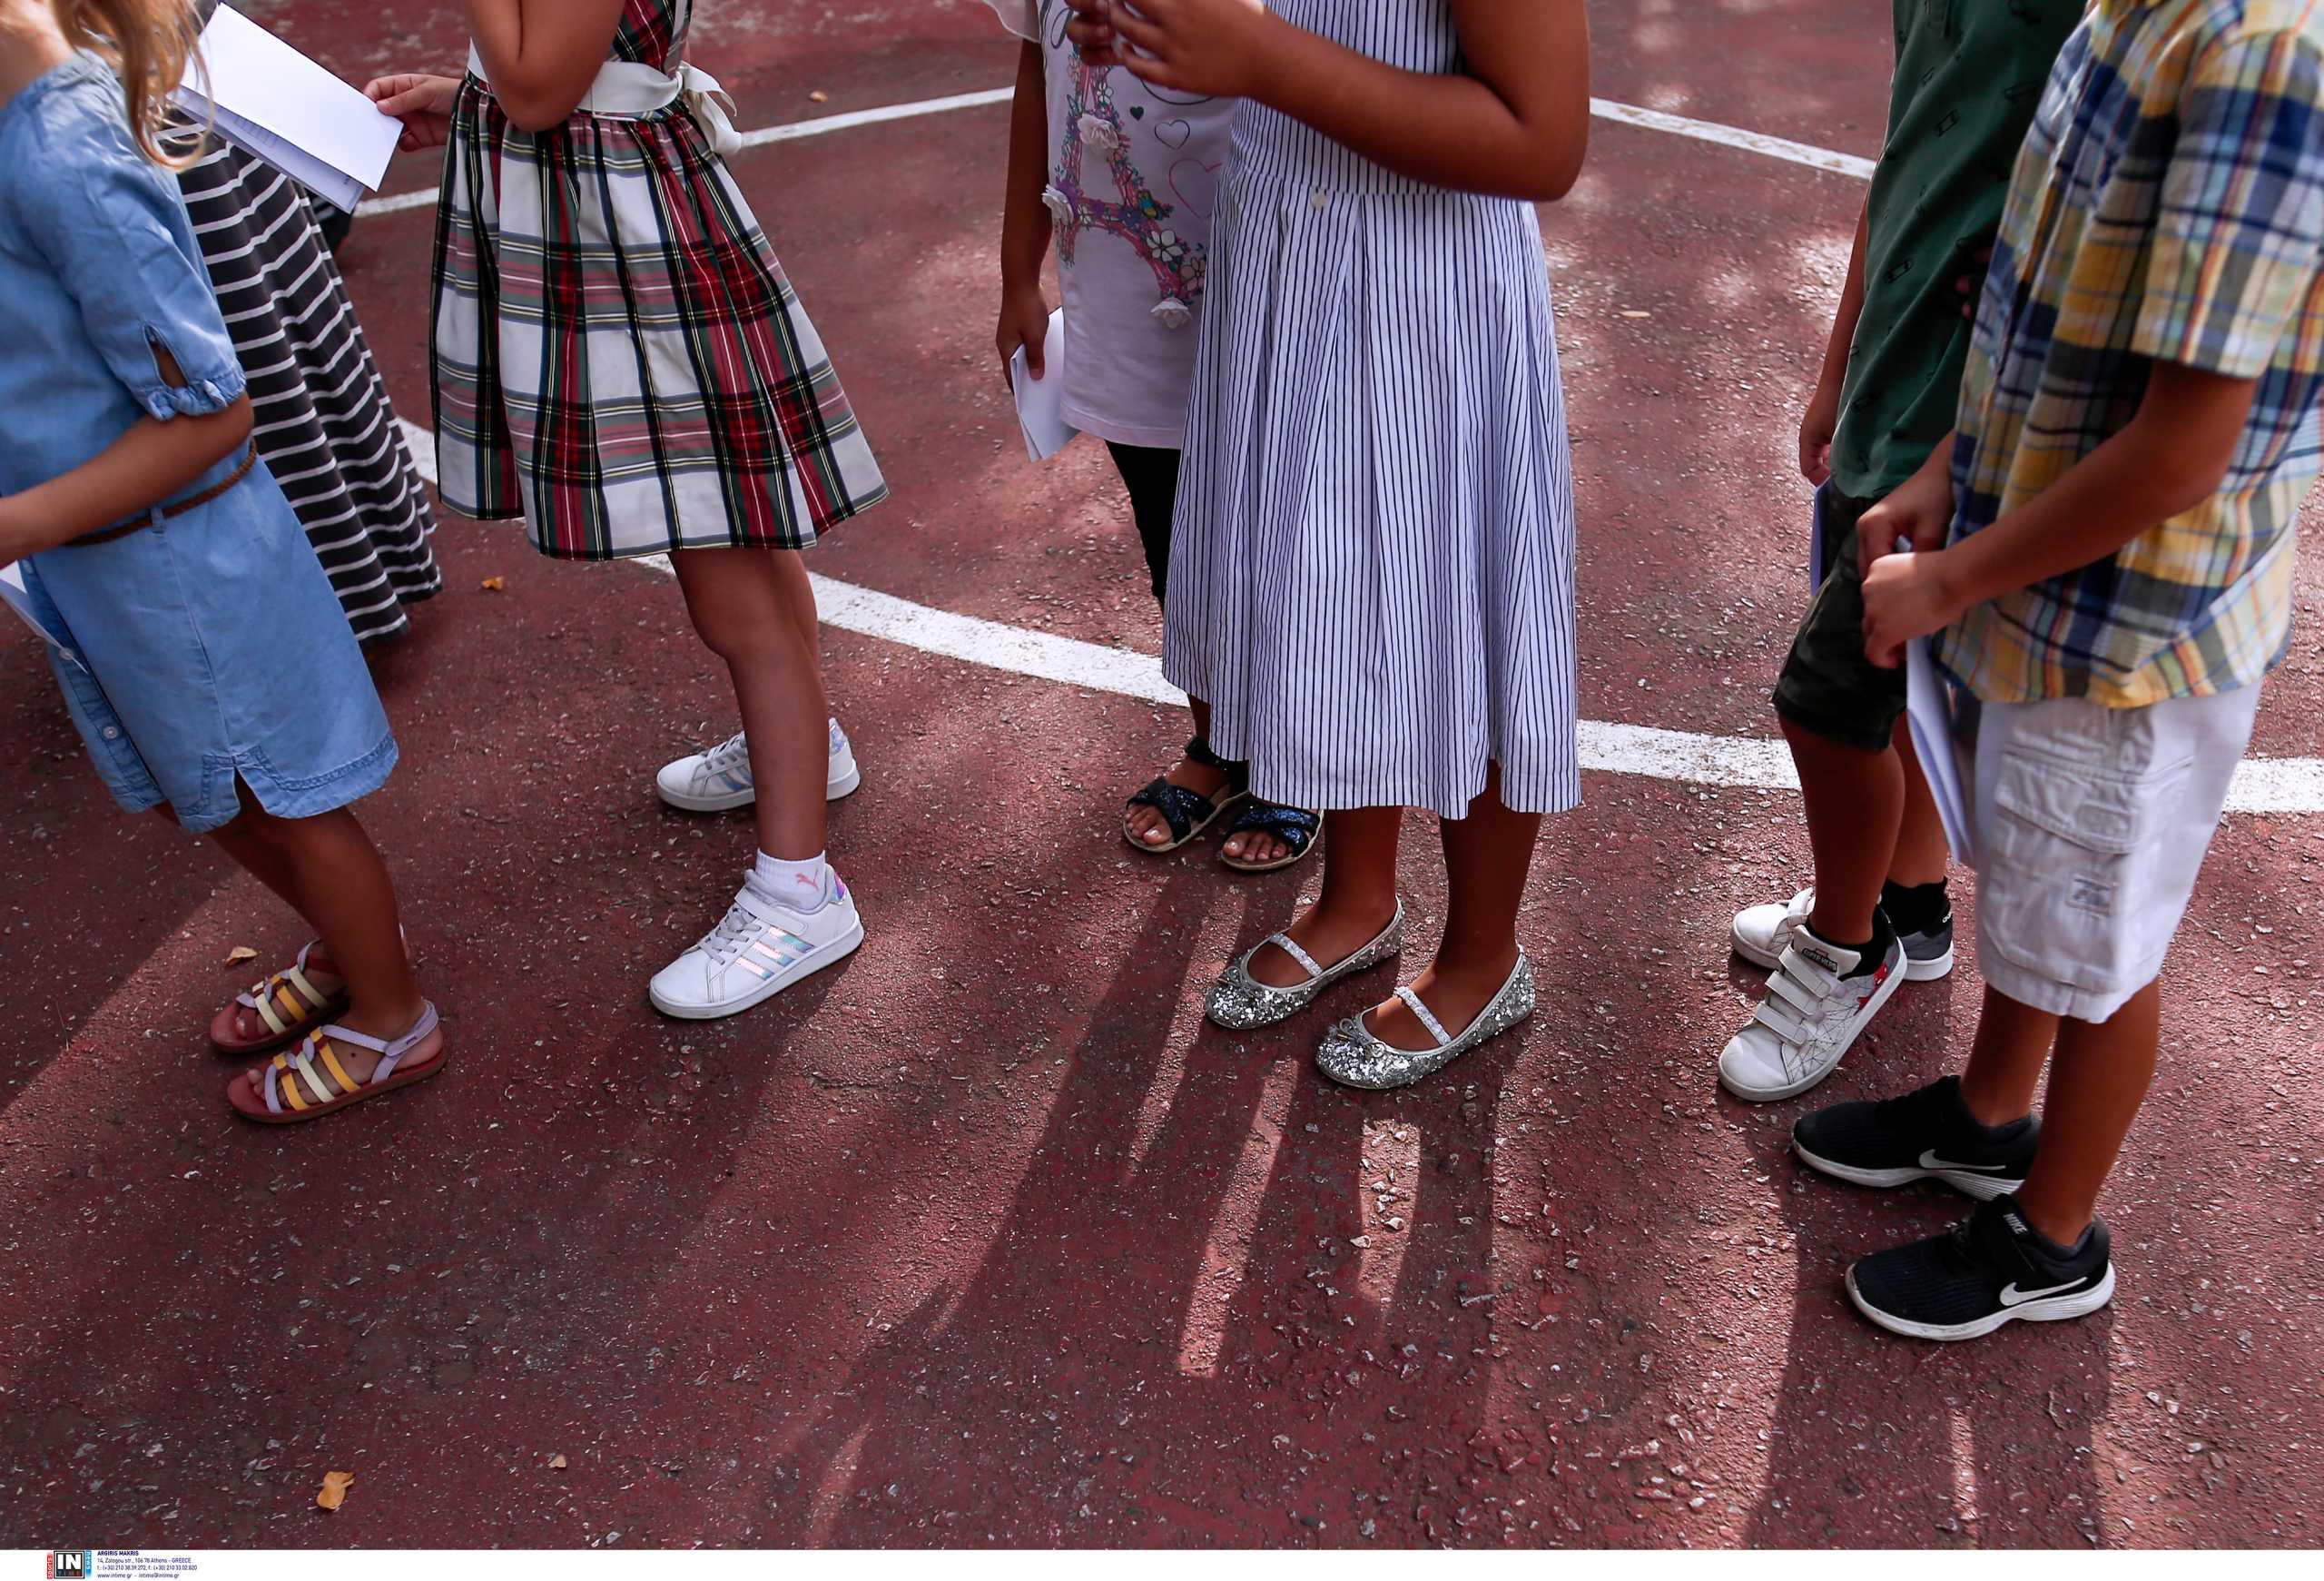 Ήπειρος: Πρεμιέρα και για τα σχολεία με πέντε μαθητές – «Είναι δύσκολα αλλά είναι μέρα γιορτής»